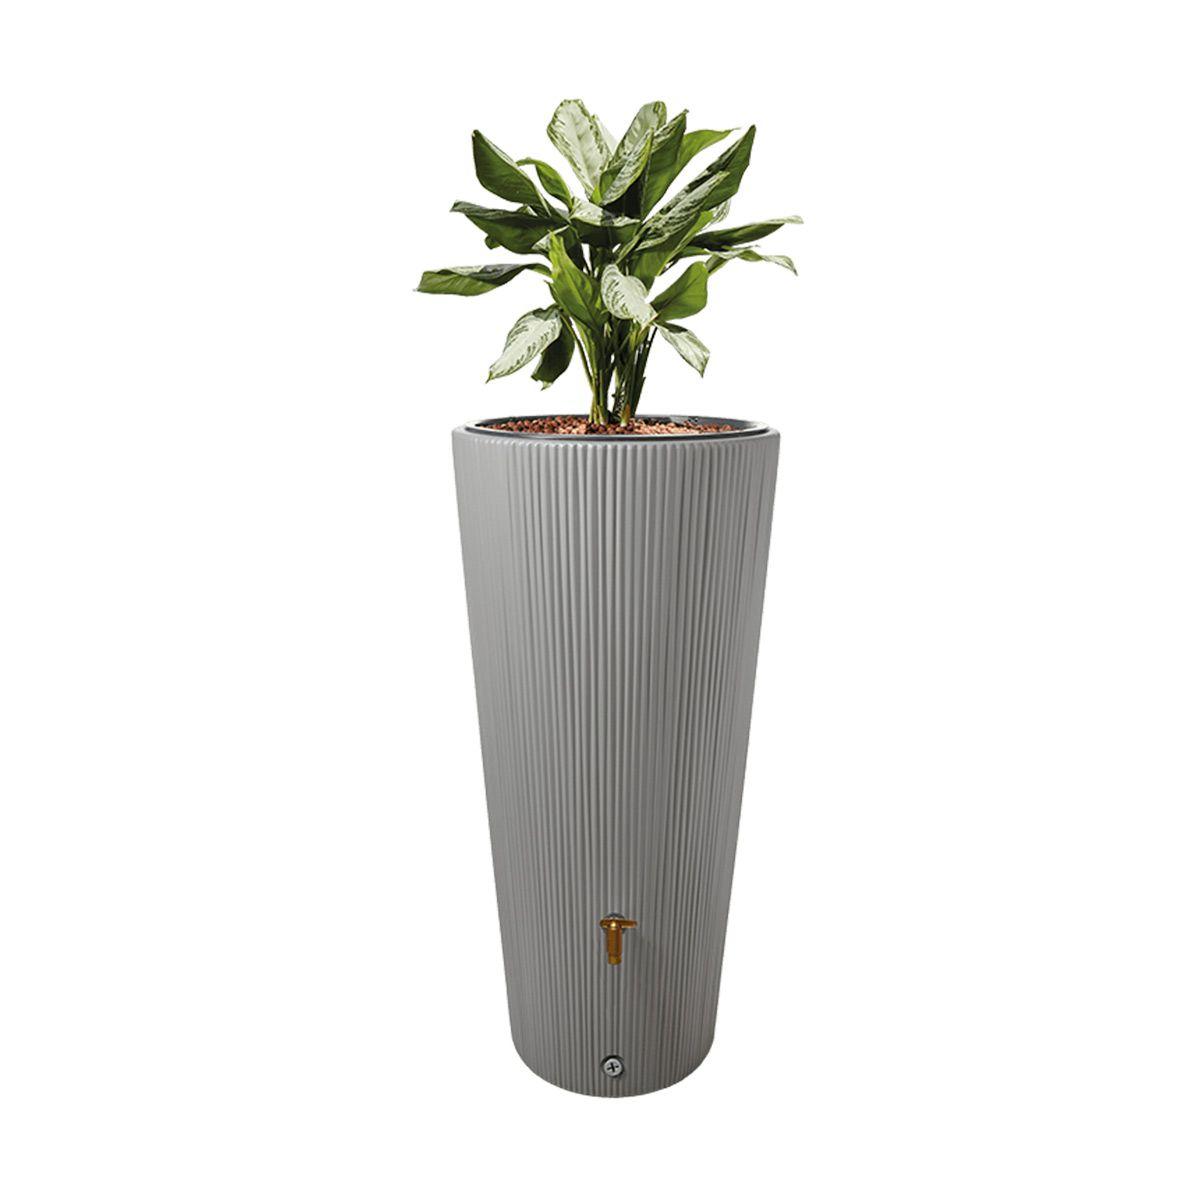 Regenspeicher Vaso, aus PE-HD, zinkgrau, 220 l, 580 x 580 x 1200 mm